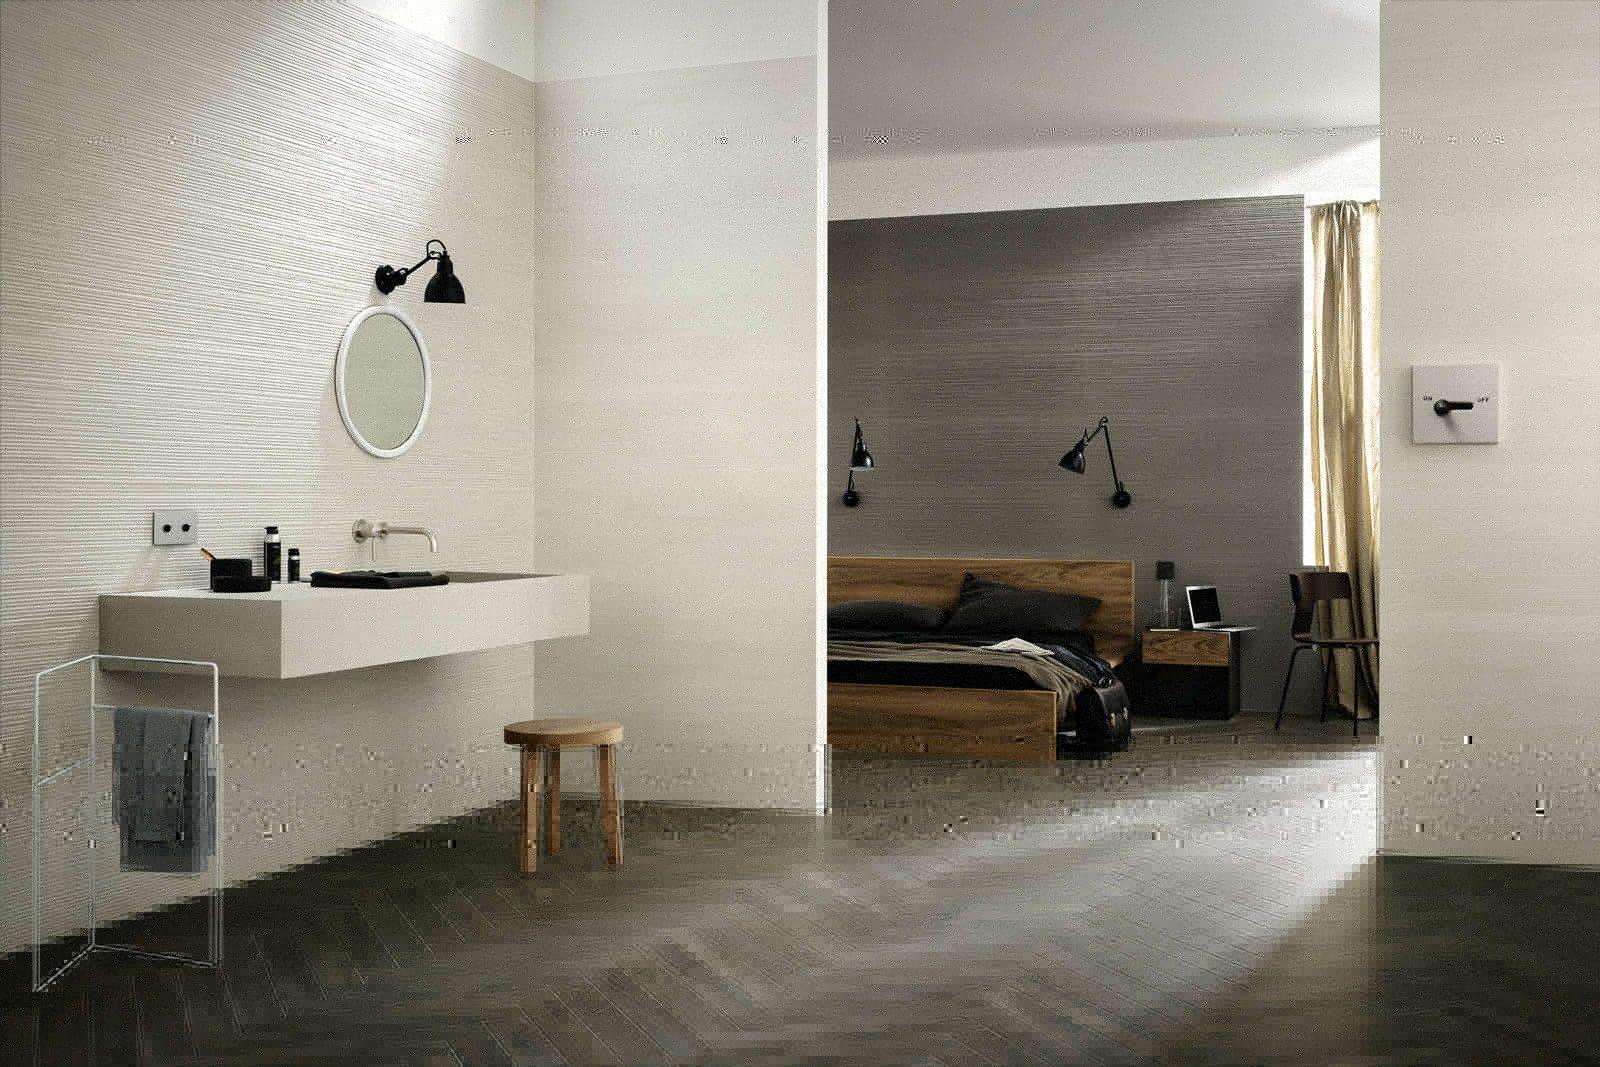 Badezimmer Preise ~ Marazzi #materika off white 40x120 cm mmfq #feinsteinzeug